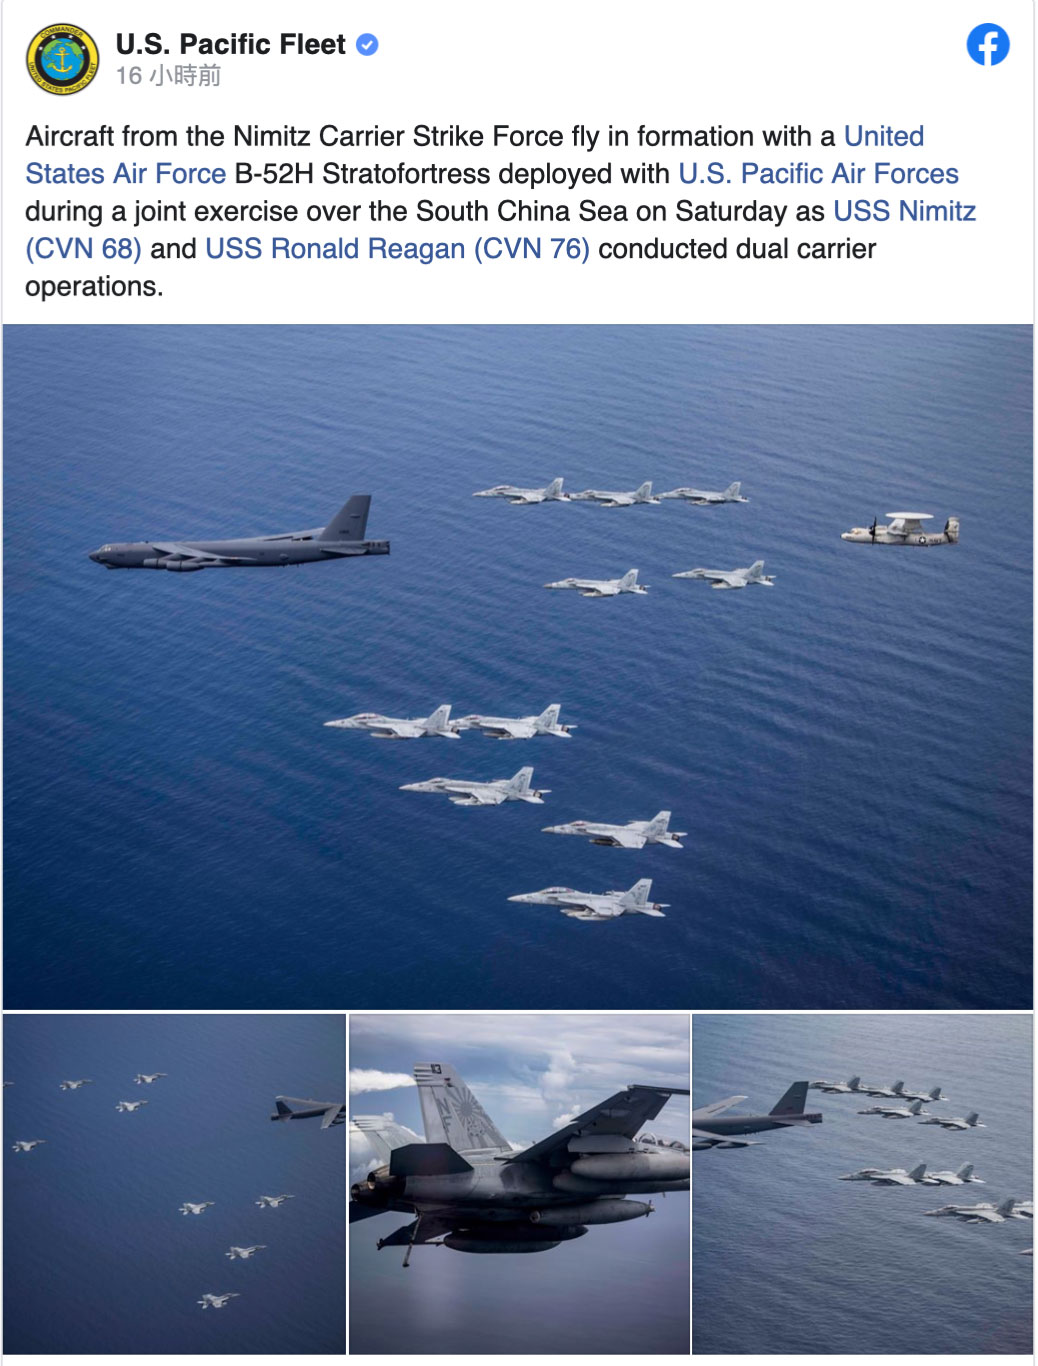 美军公布海军双航母在南海联合演练。(U.S. Pacific Fleet脸书)